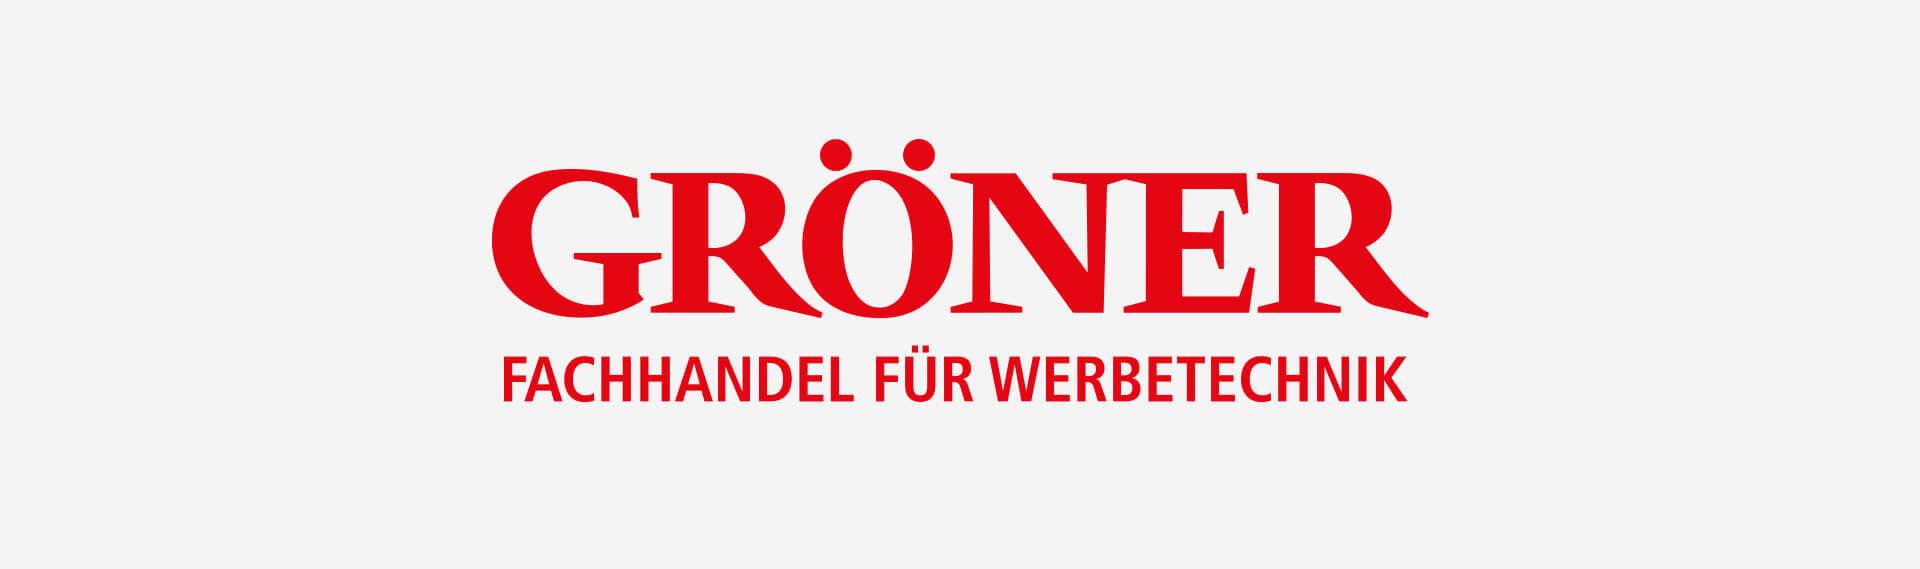 Groener Logo auf grau